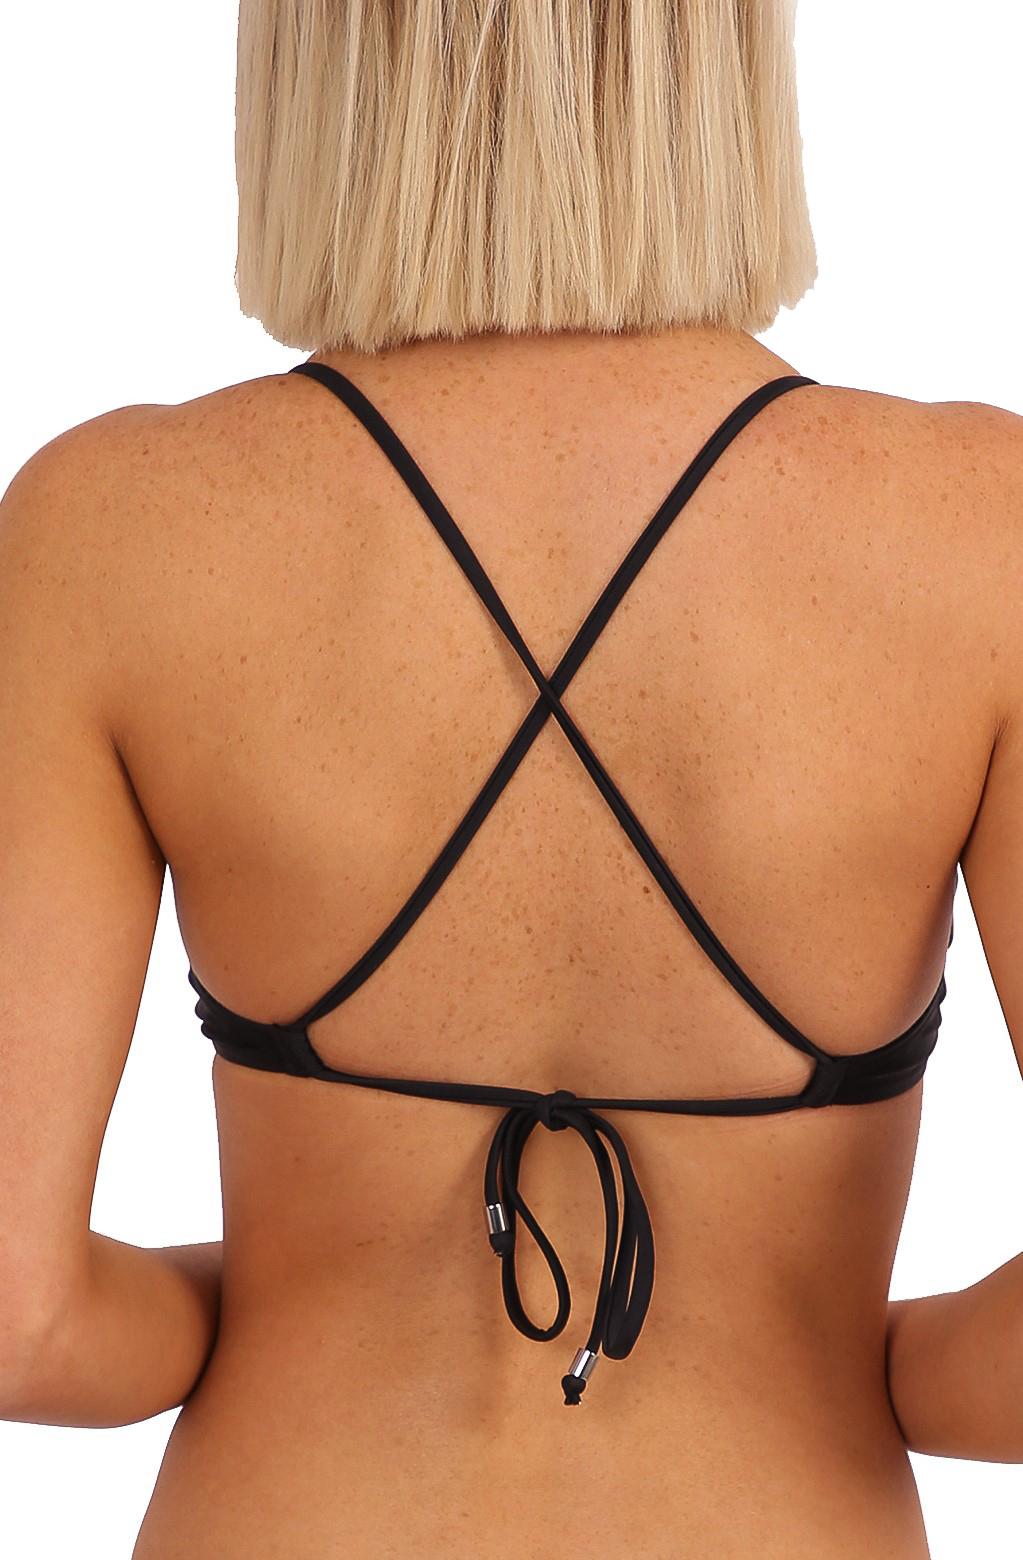 'Lola' Bralette Tie Back - Black